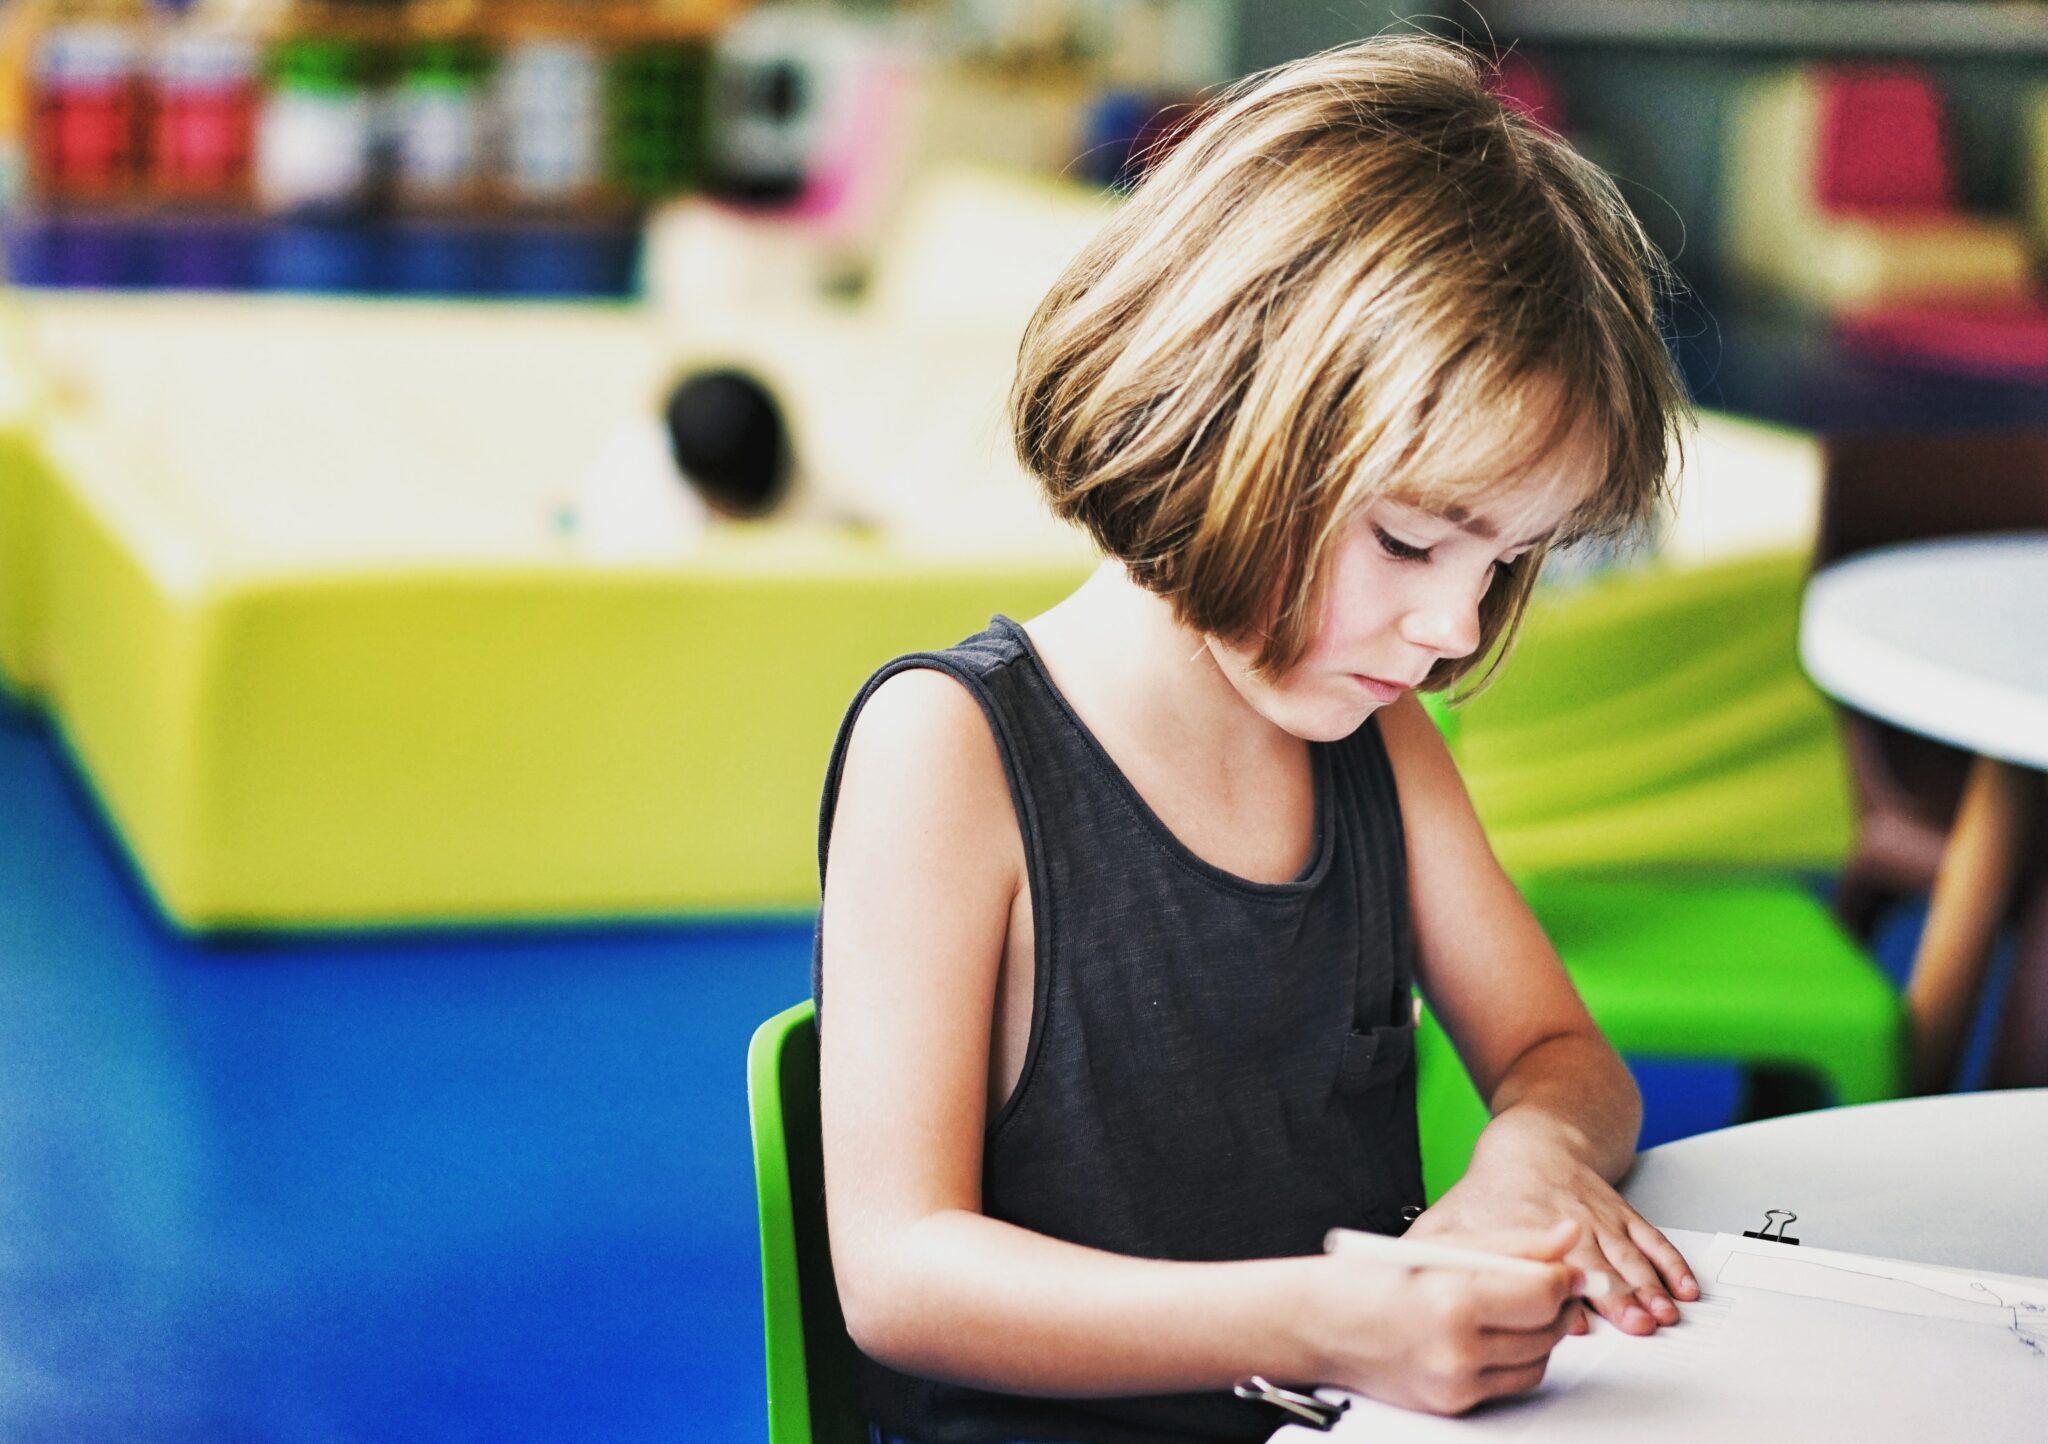 Ein Mädchen sitzt an einem Tisch und schreibt etwas auf